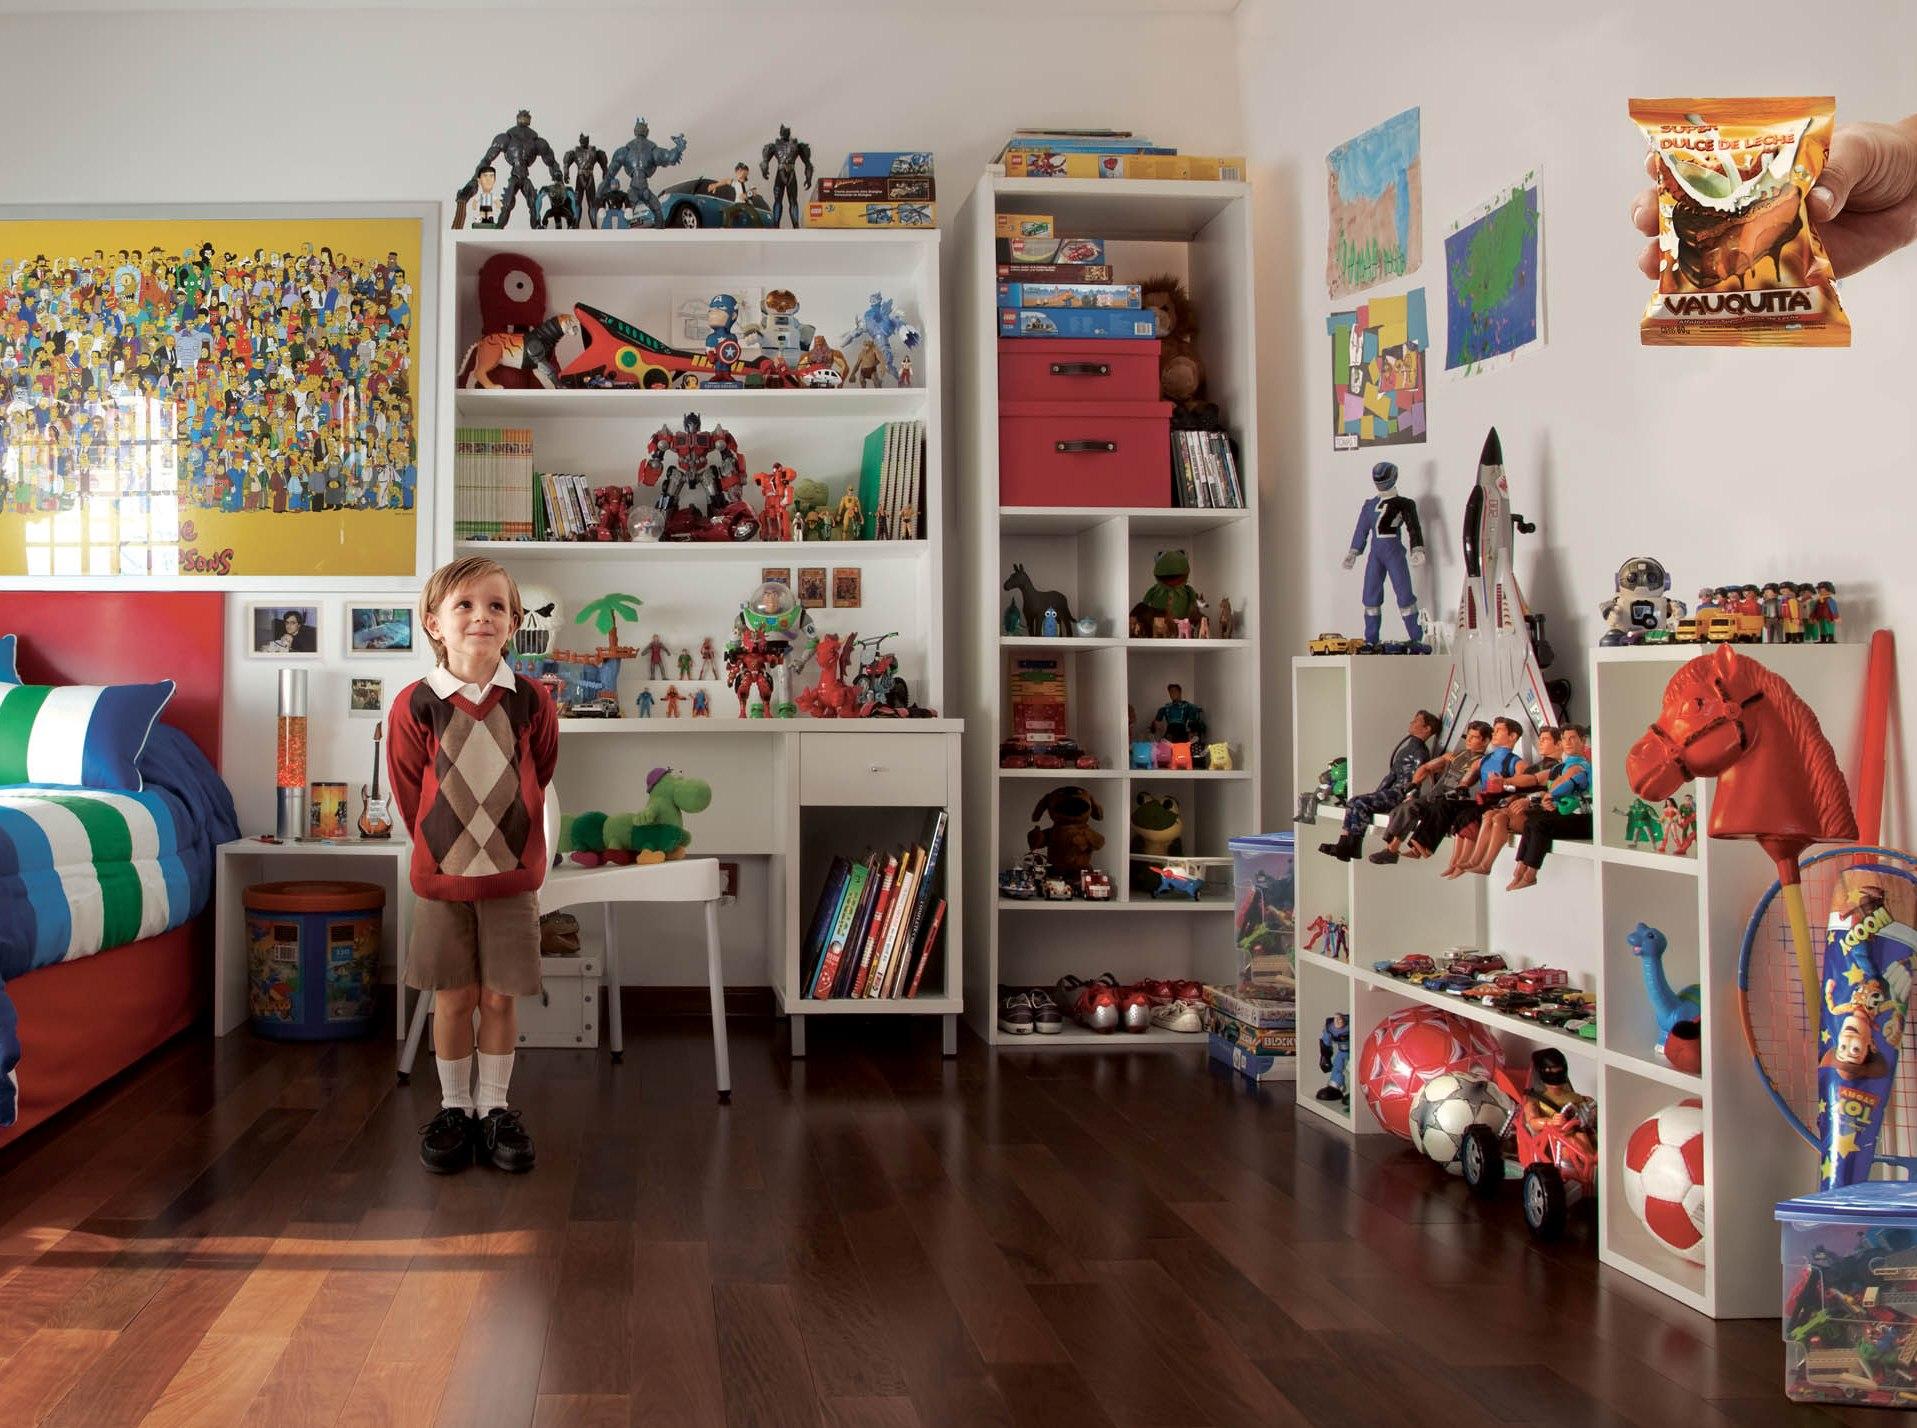 Важно приучать ребенка к чистоте. Фото с сайта www.ibelieveinadv.com